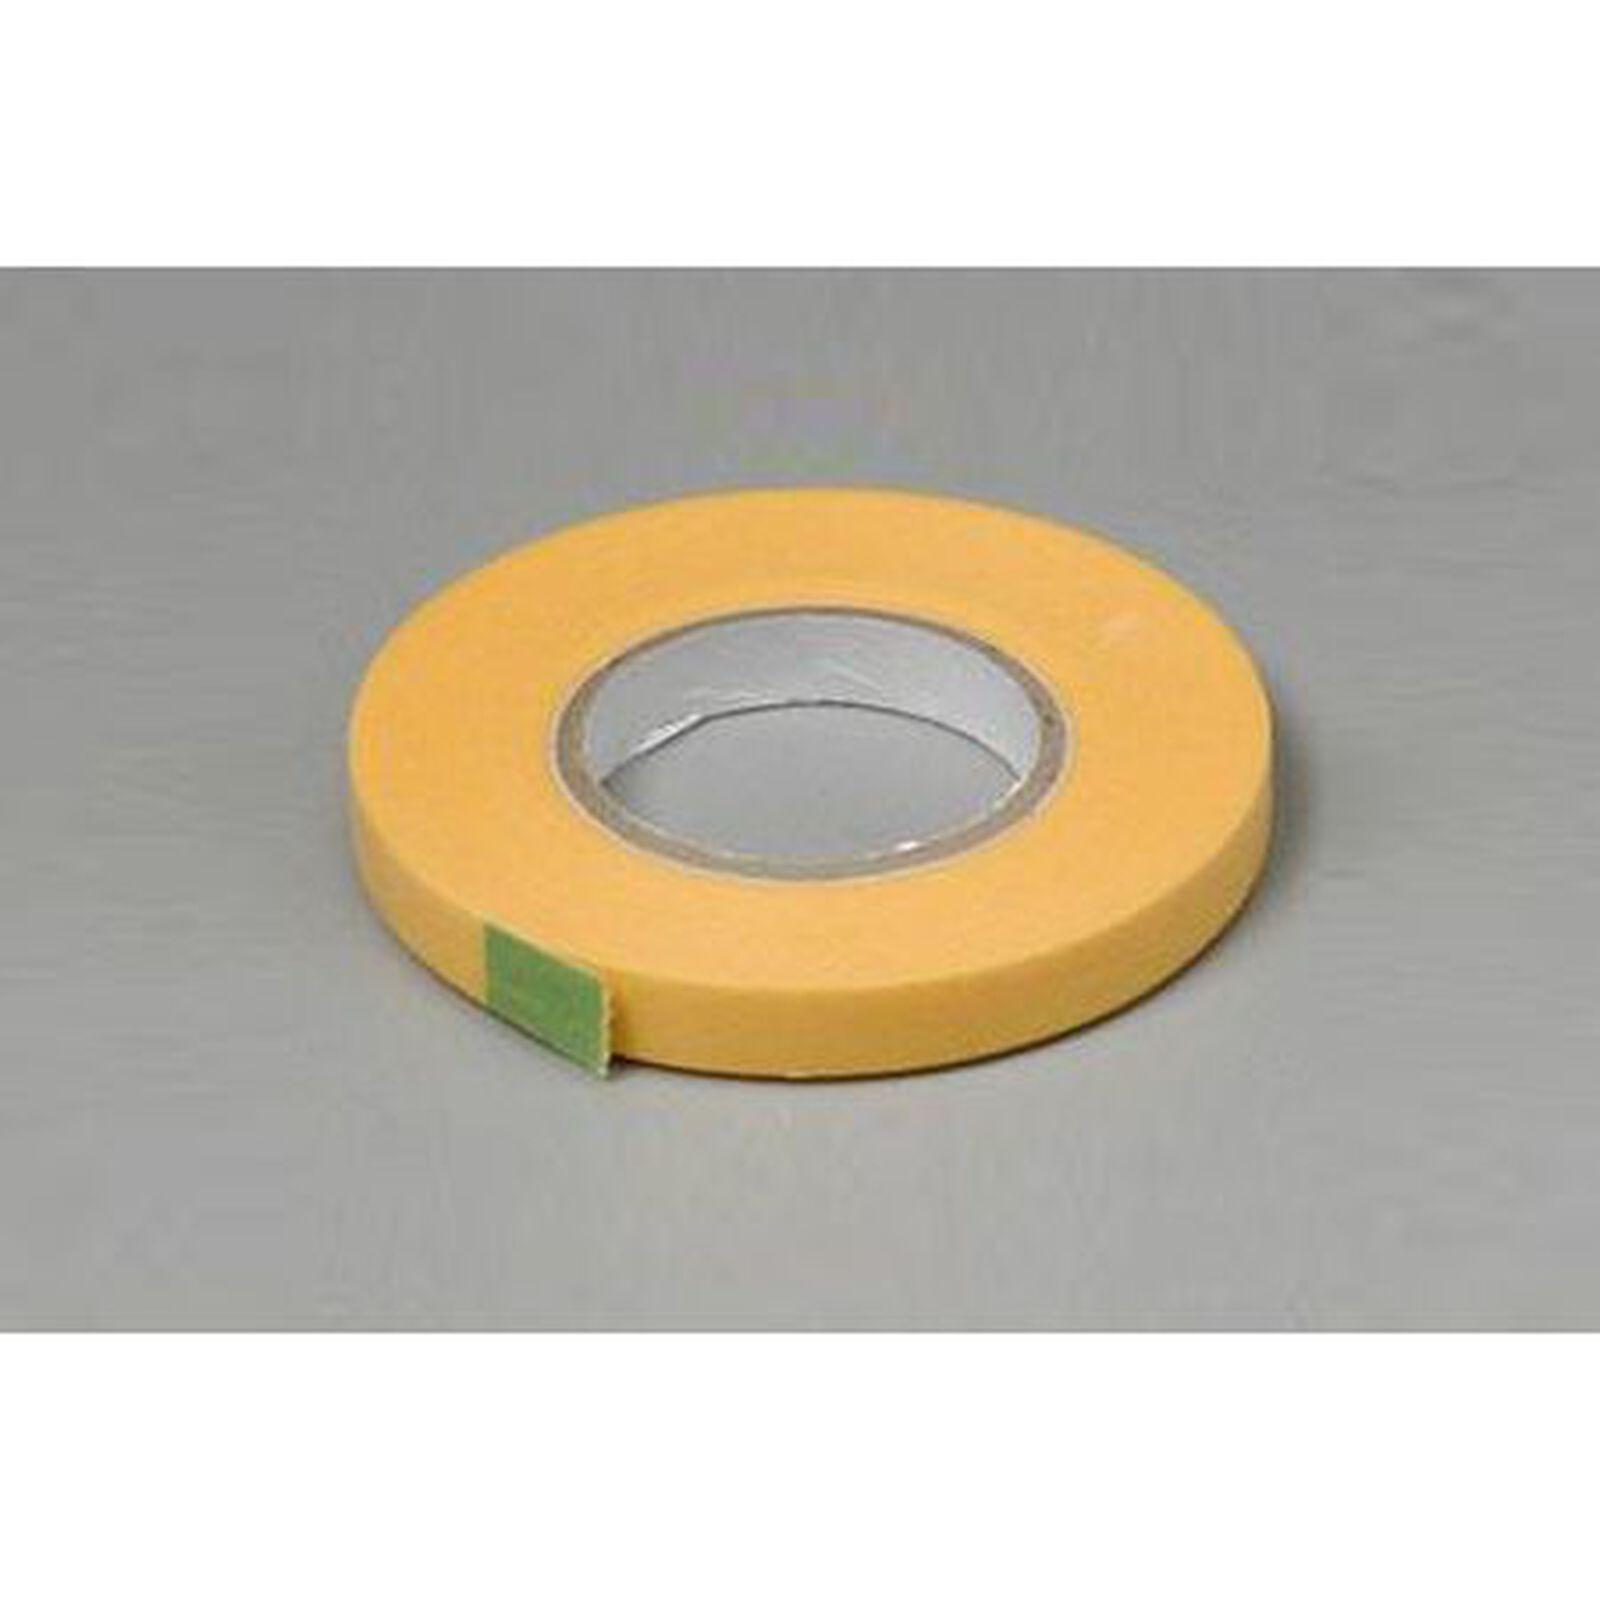 Masking Tape Refill, 6mm